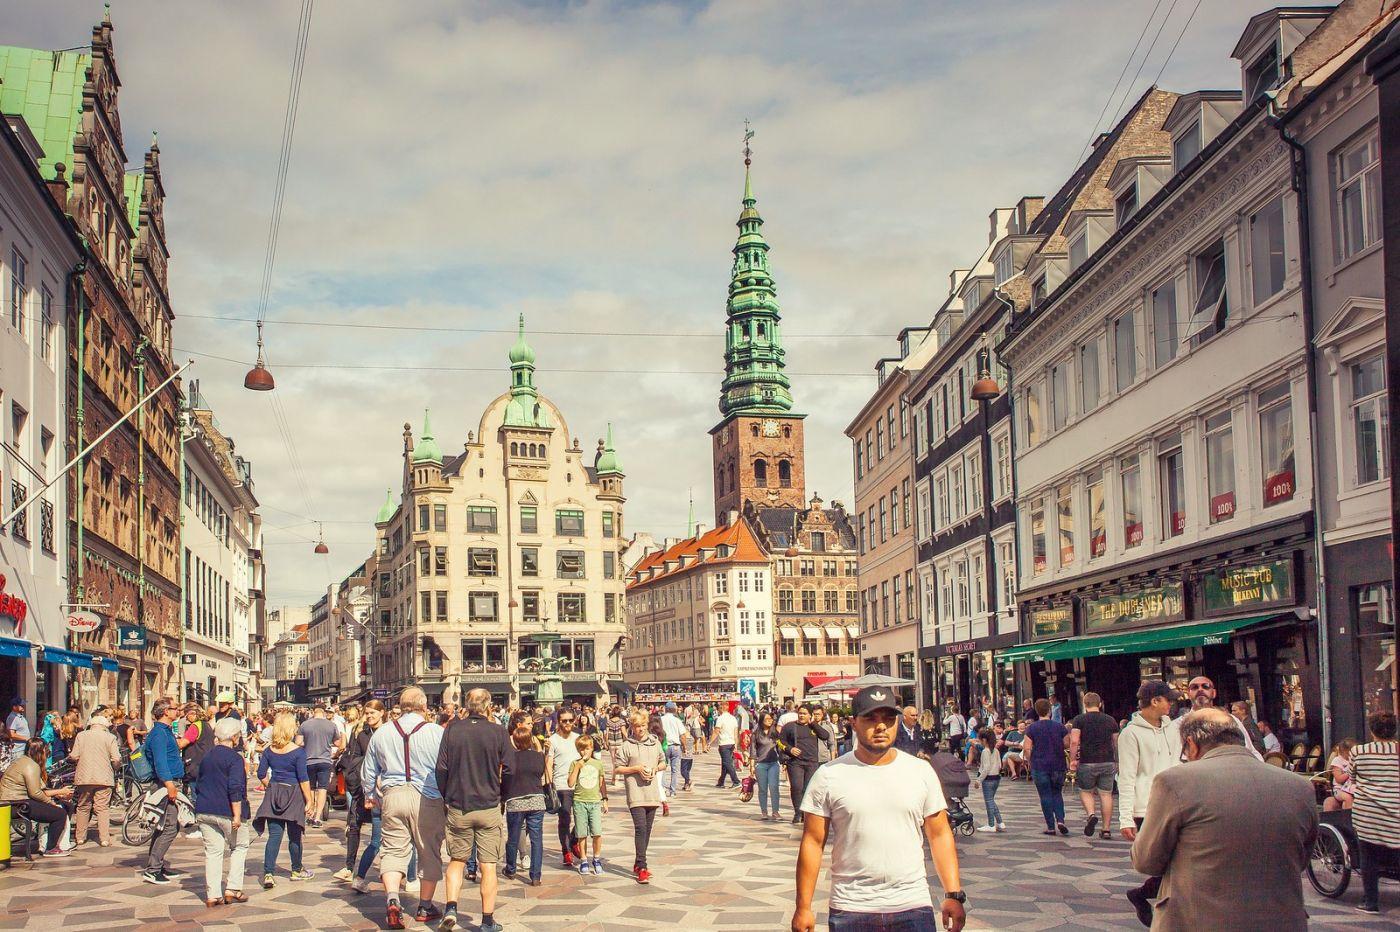 丹麦哥本哈根,新旧融合的城市_图1-26